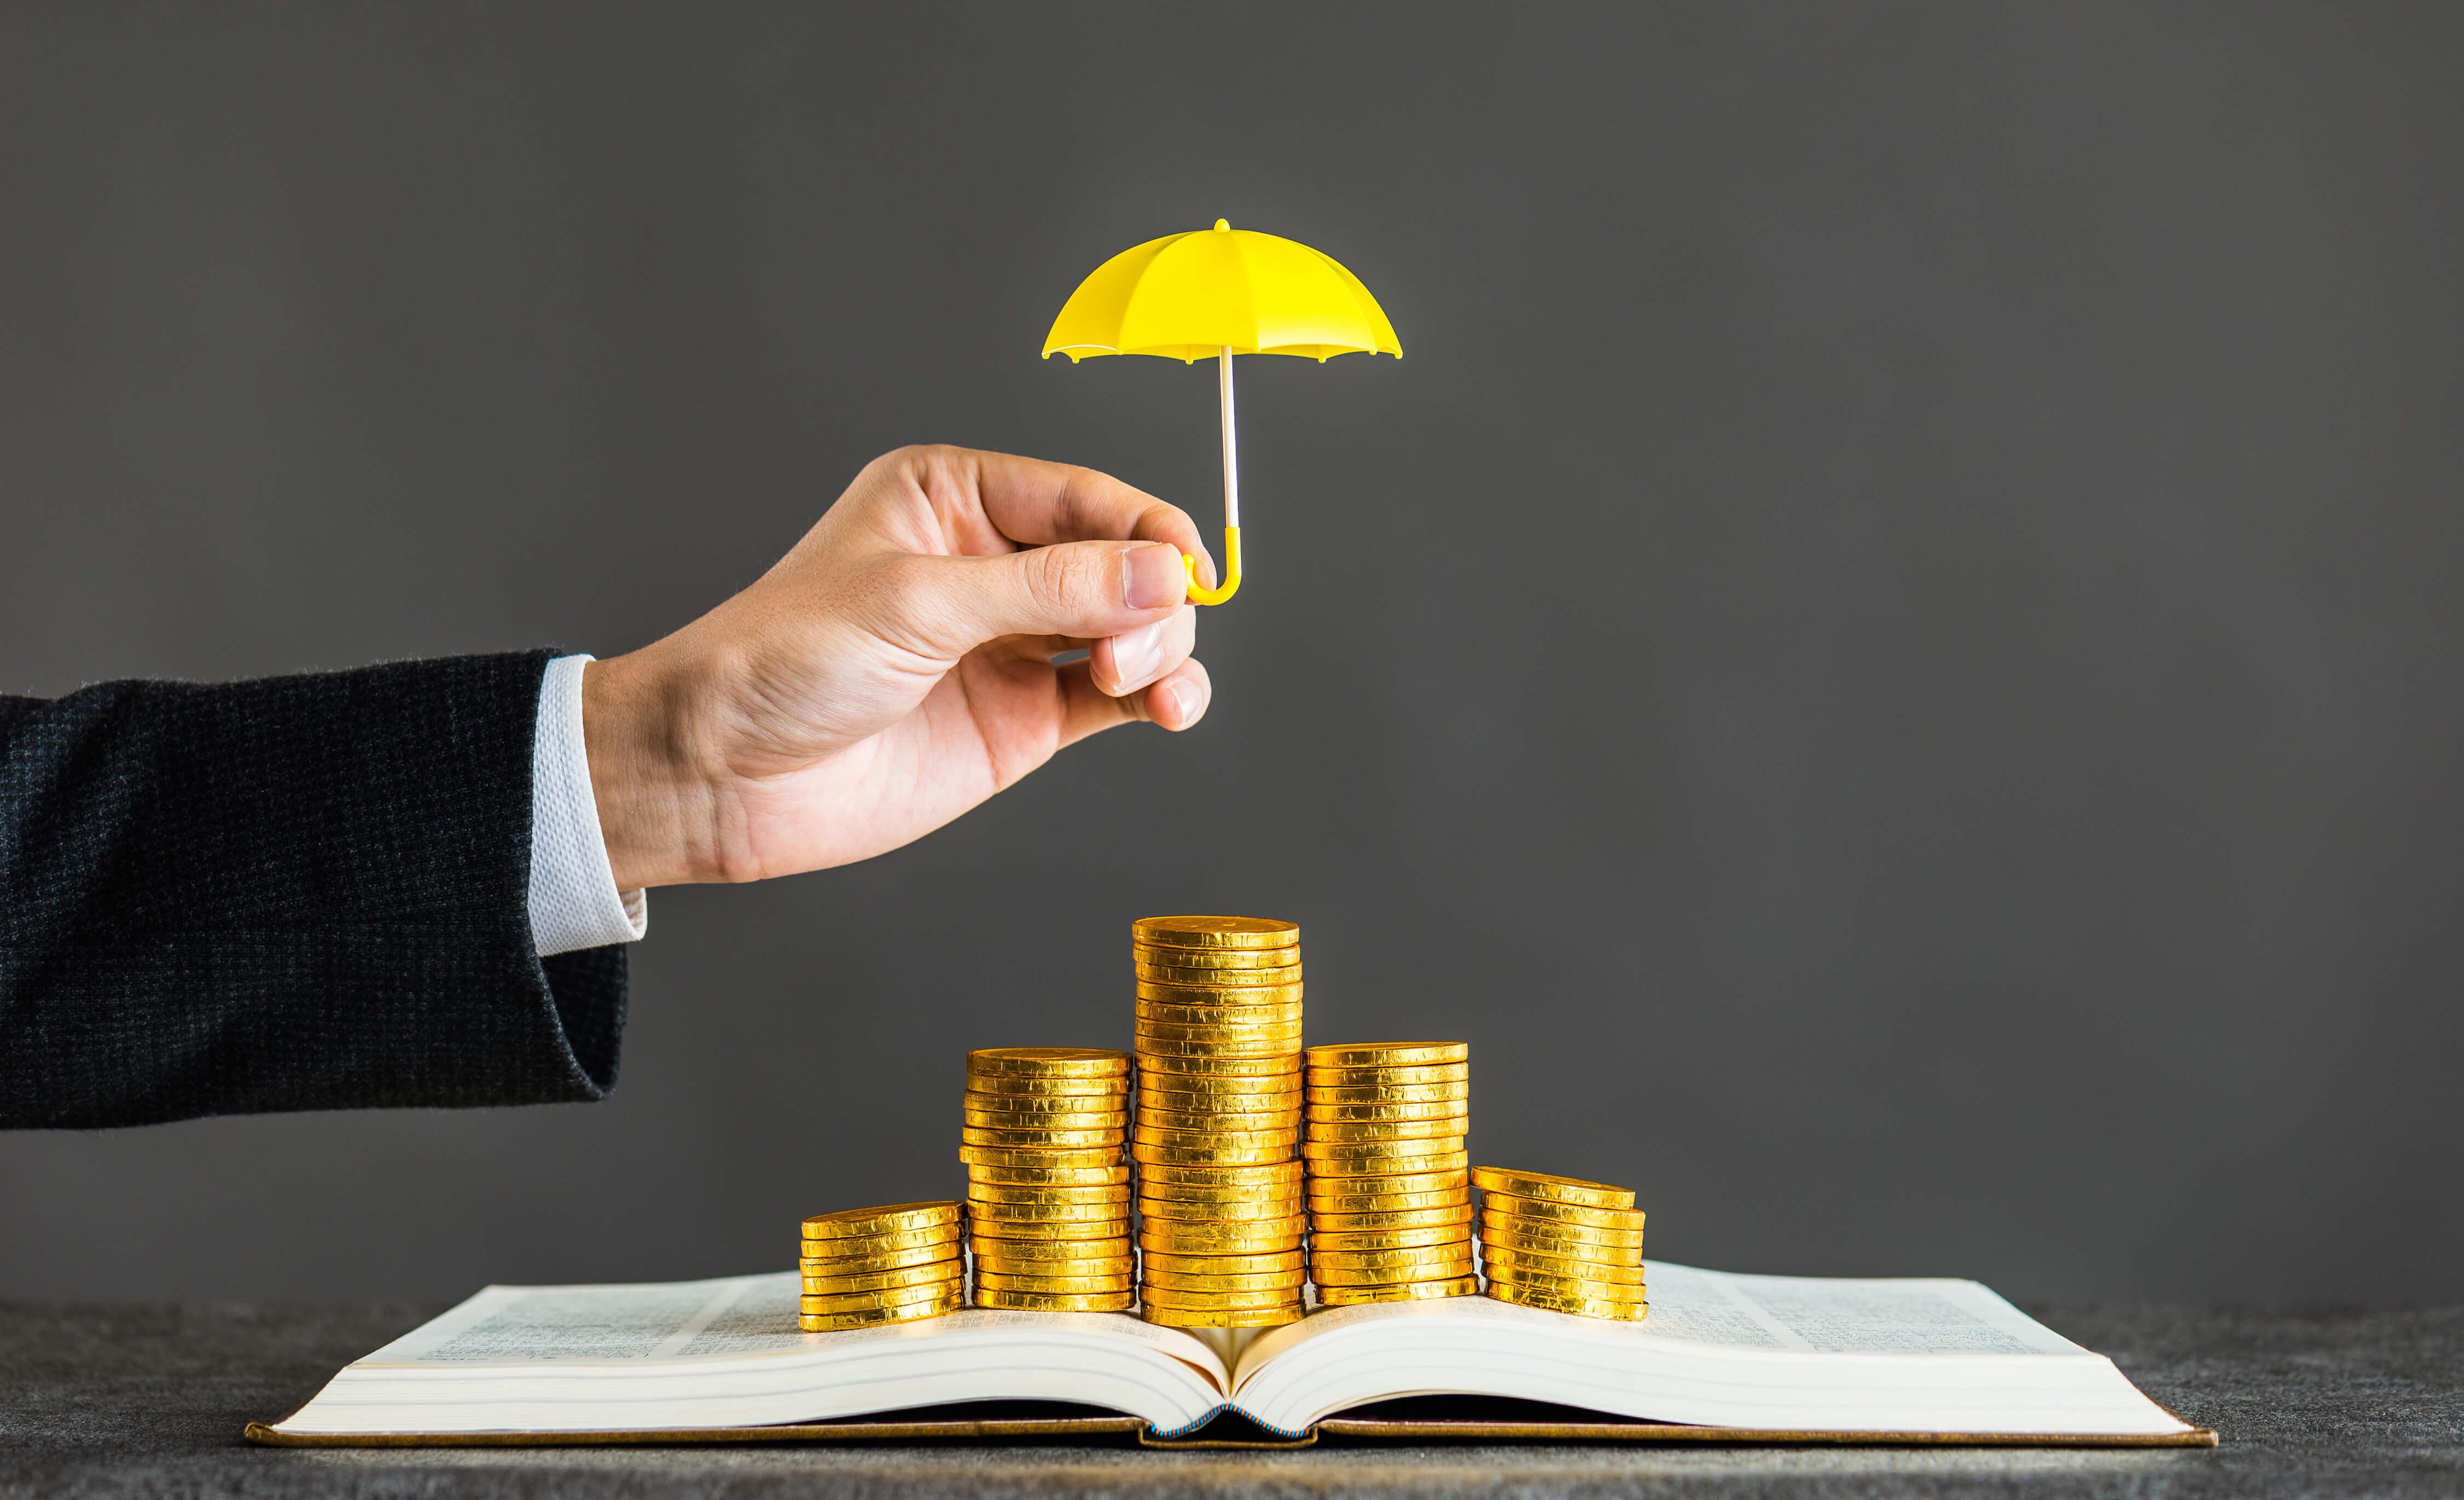 ЦБ предложил банкам понятным языком рассказывать новичкам о рисках инвестиций